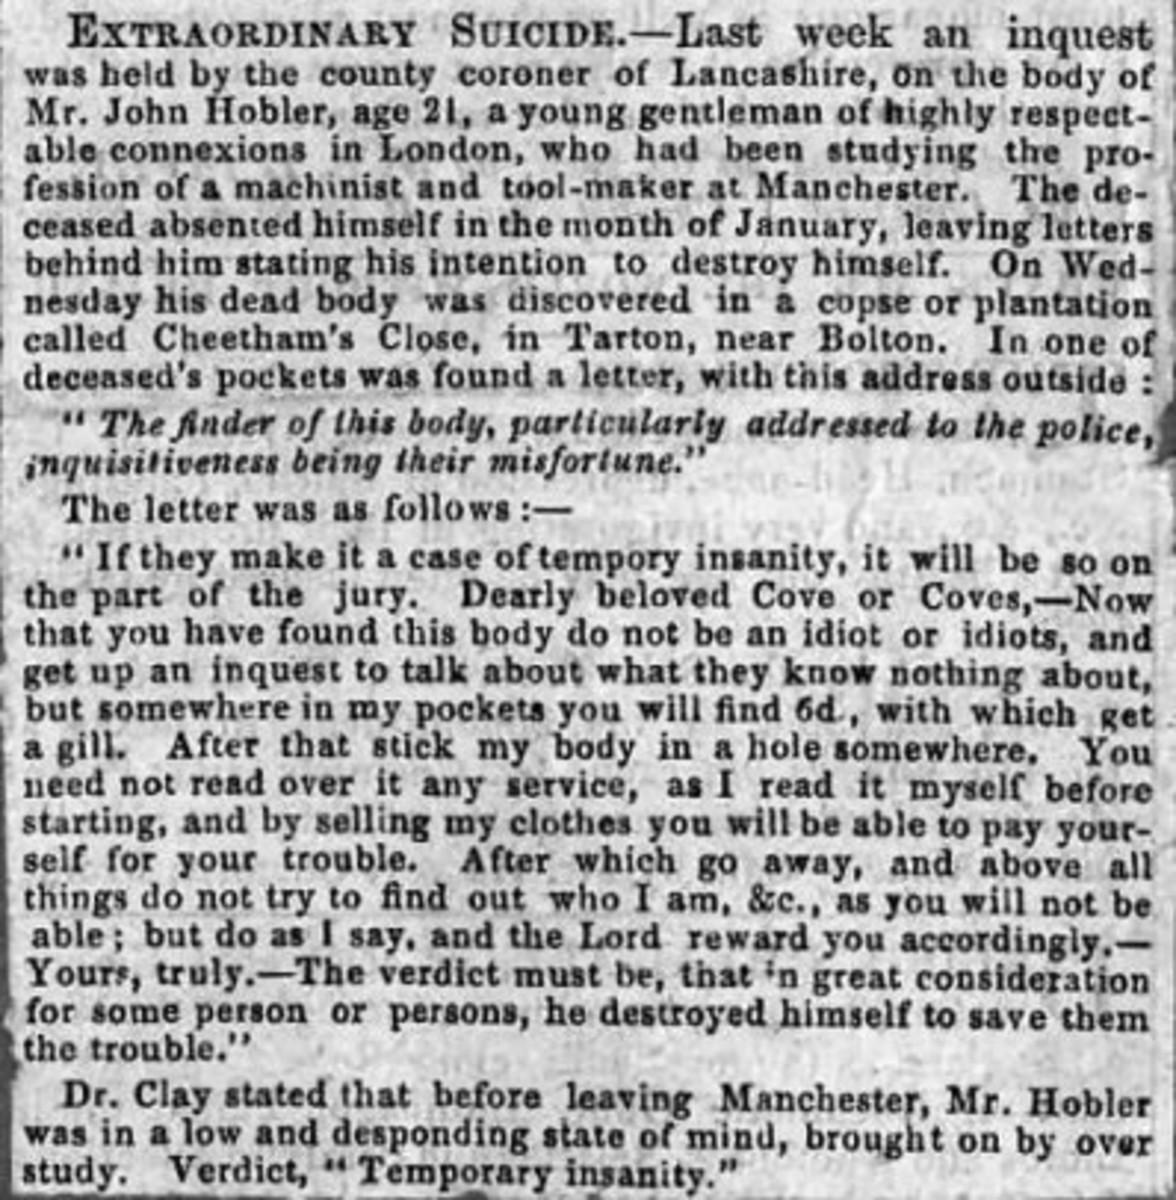 EXTRAORDINARY SUICIDE of John Francis Hobler (1835-1856)